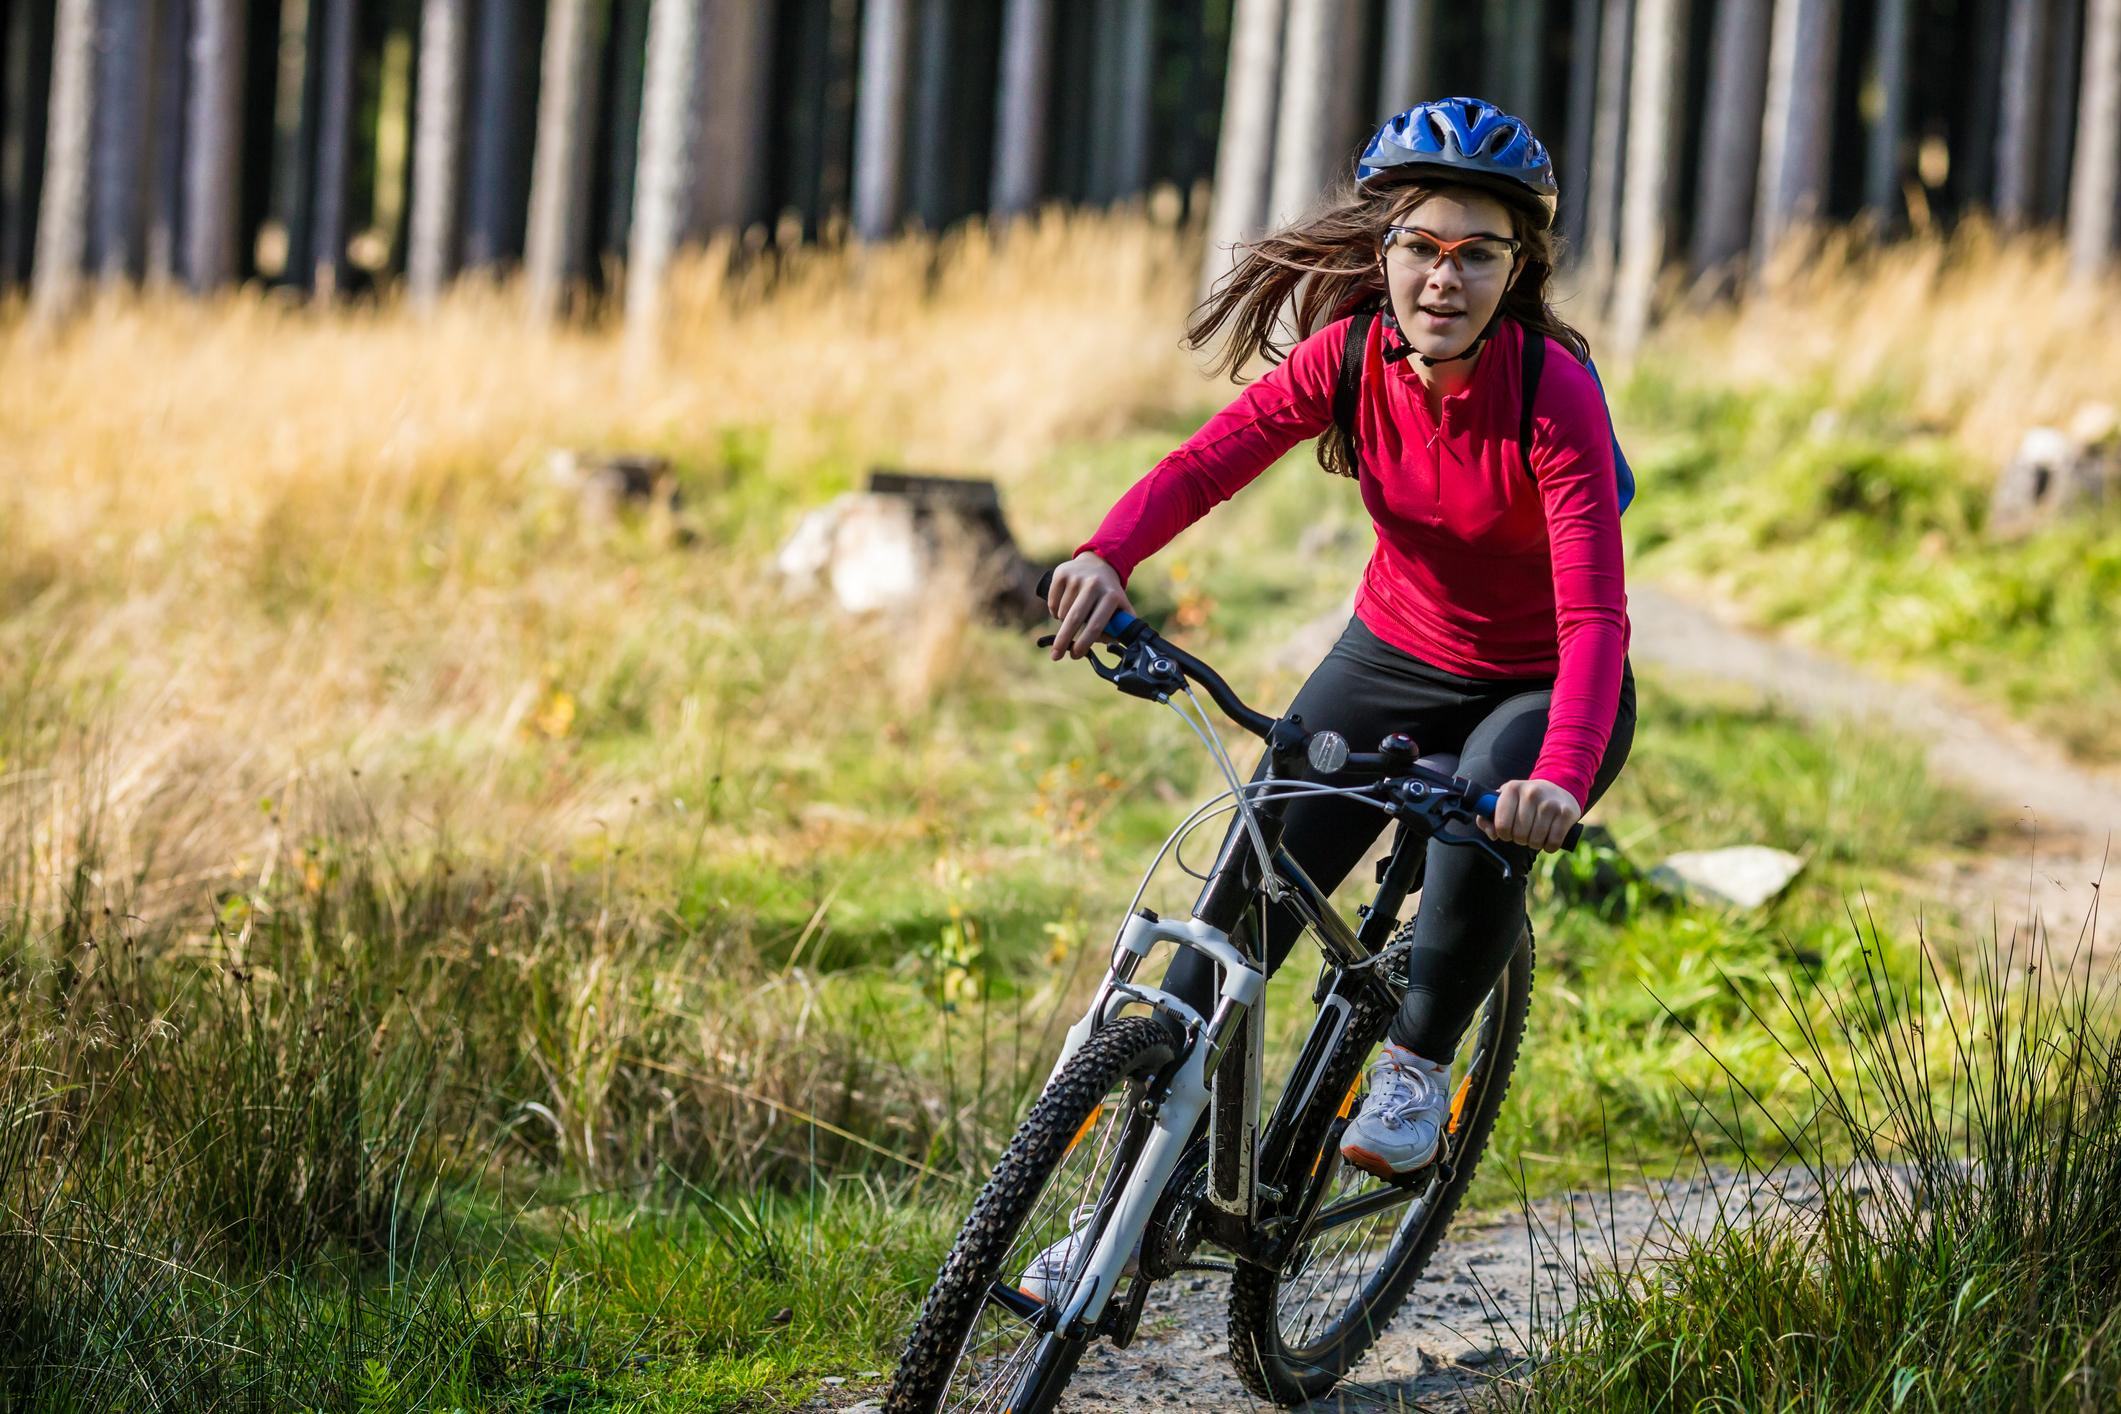 Einstellungssache: Die richtige Sitzposition beim Biken